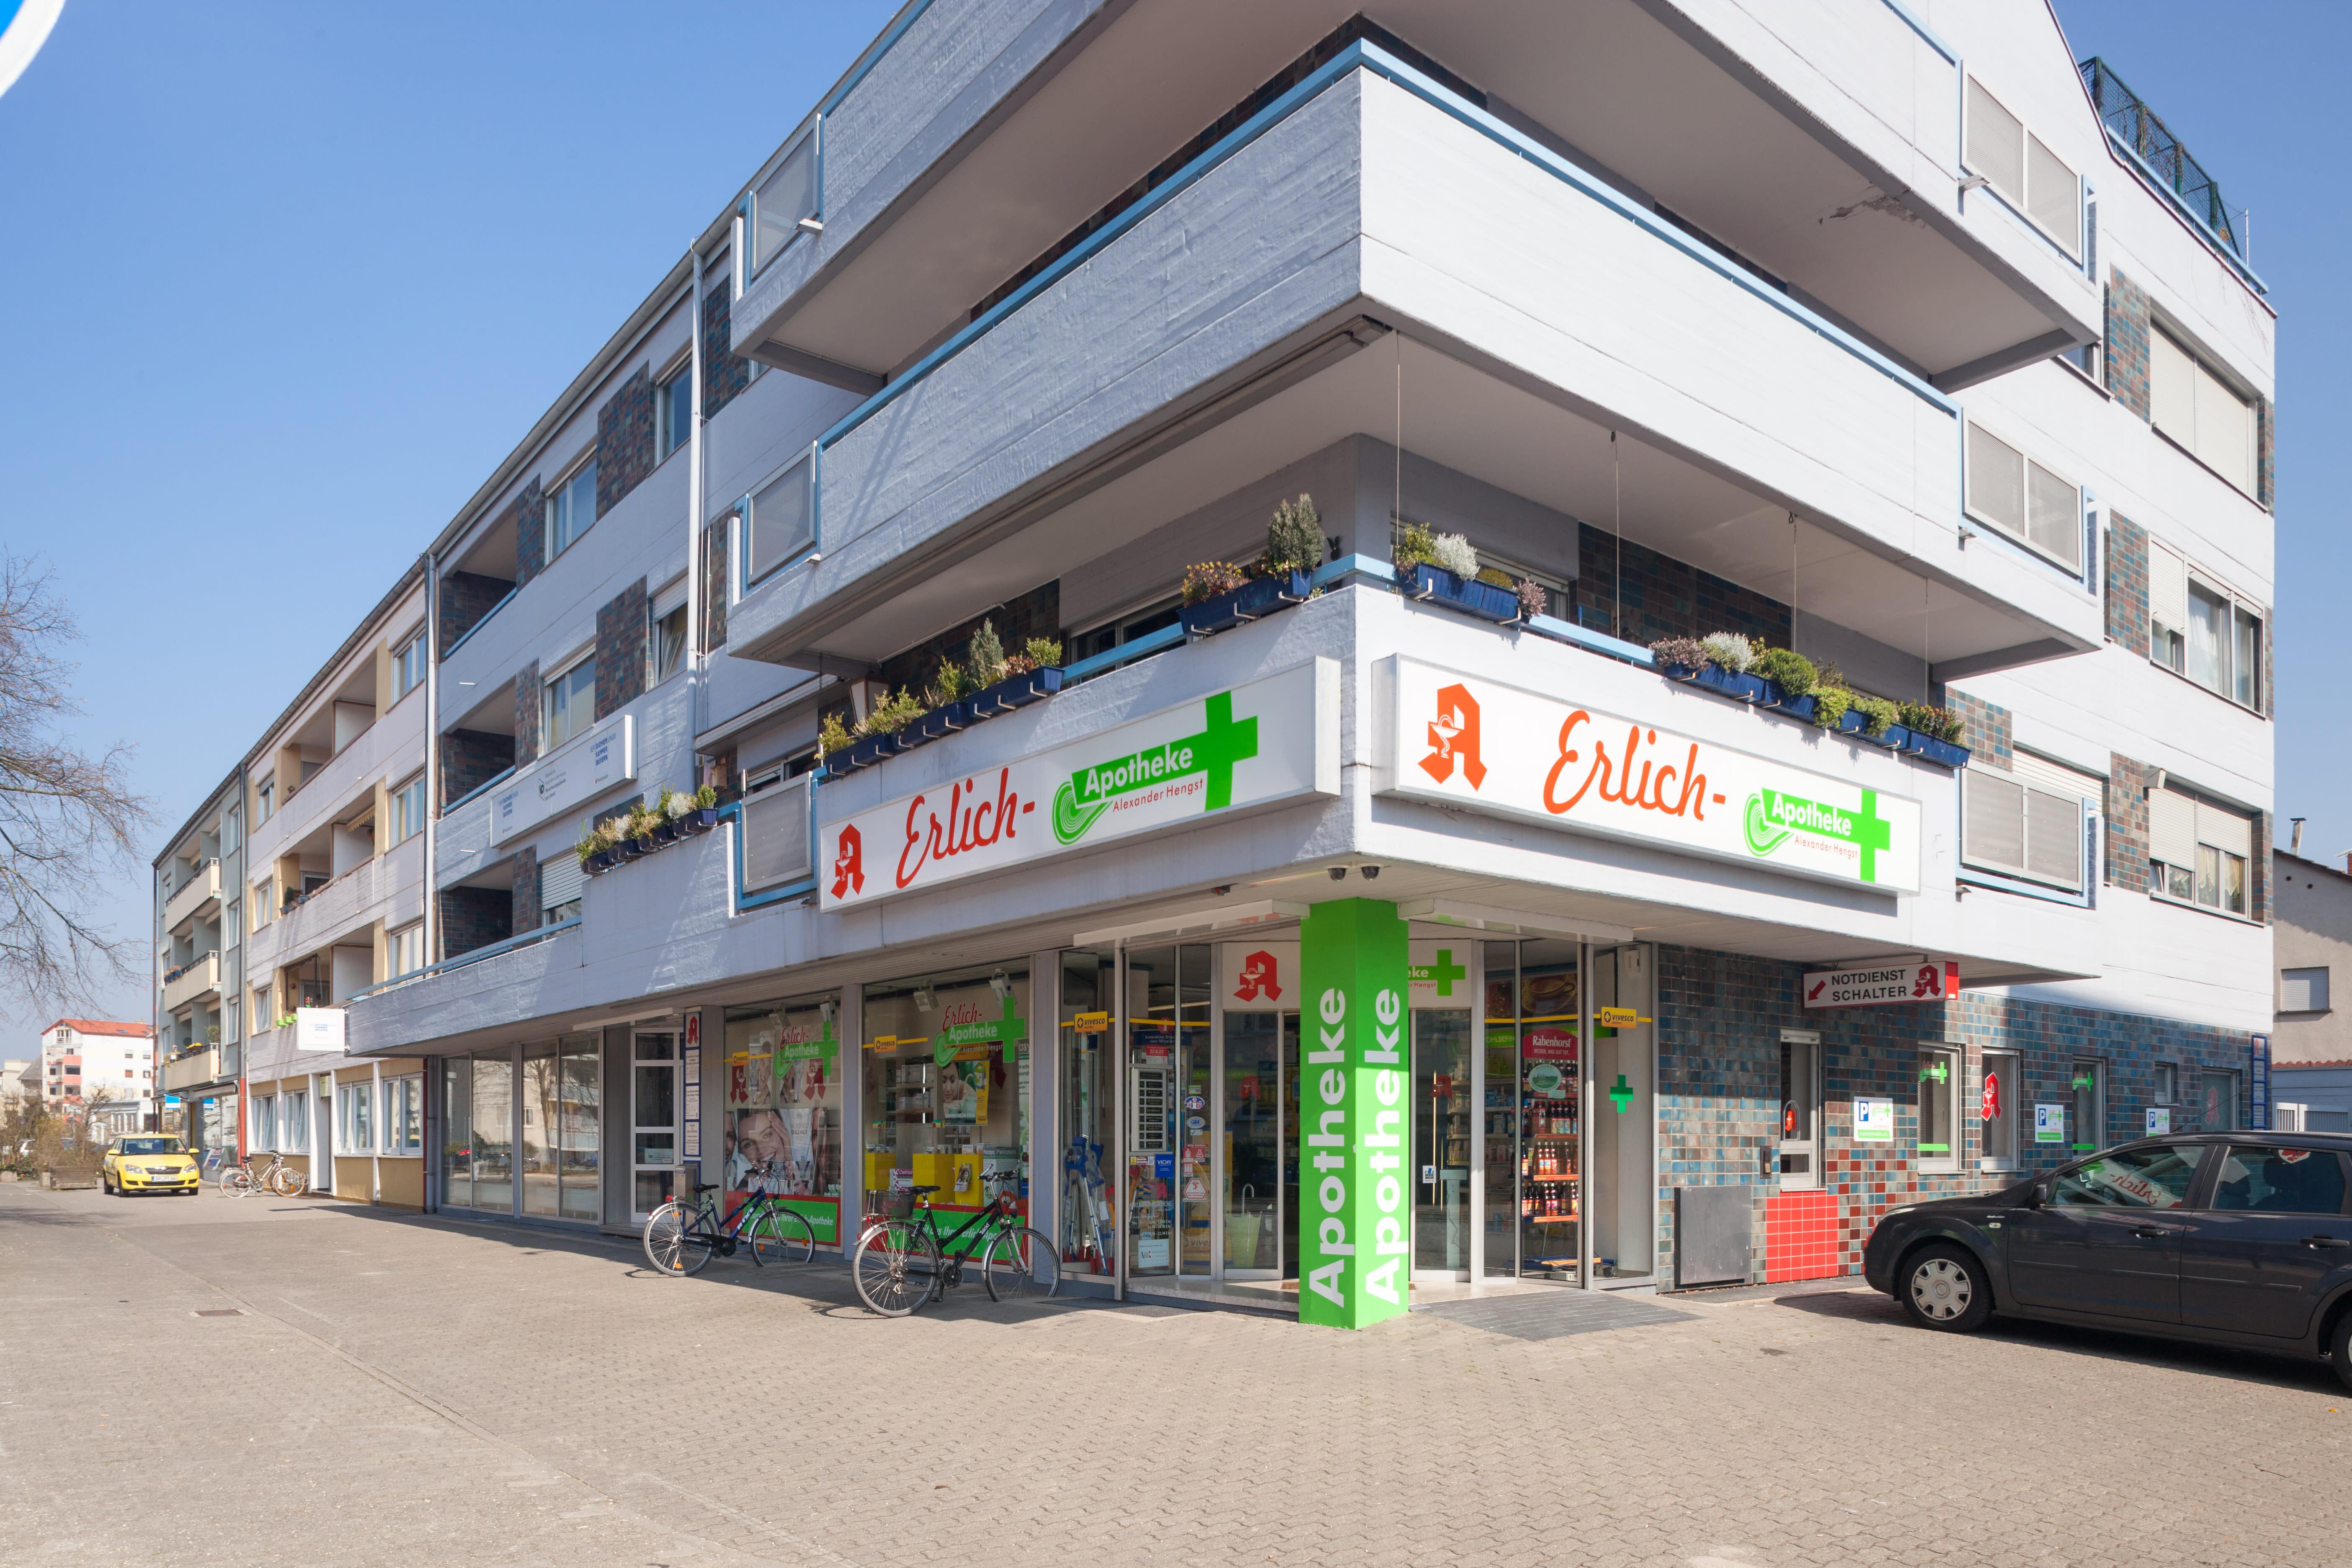 Erlich Apotheke Speyer Berliner Platz Speyer Ehrlich Apotheke Speyer